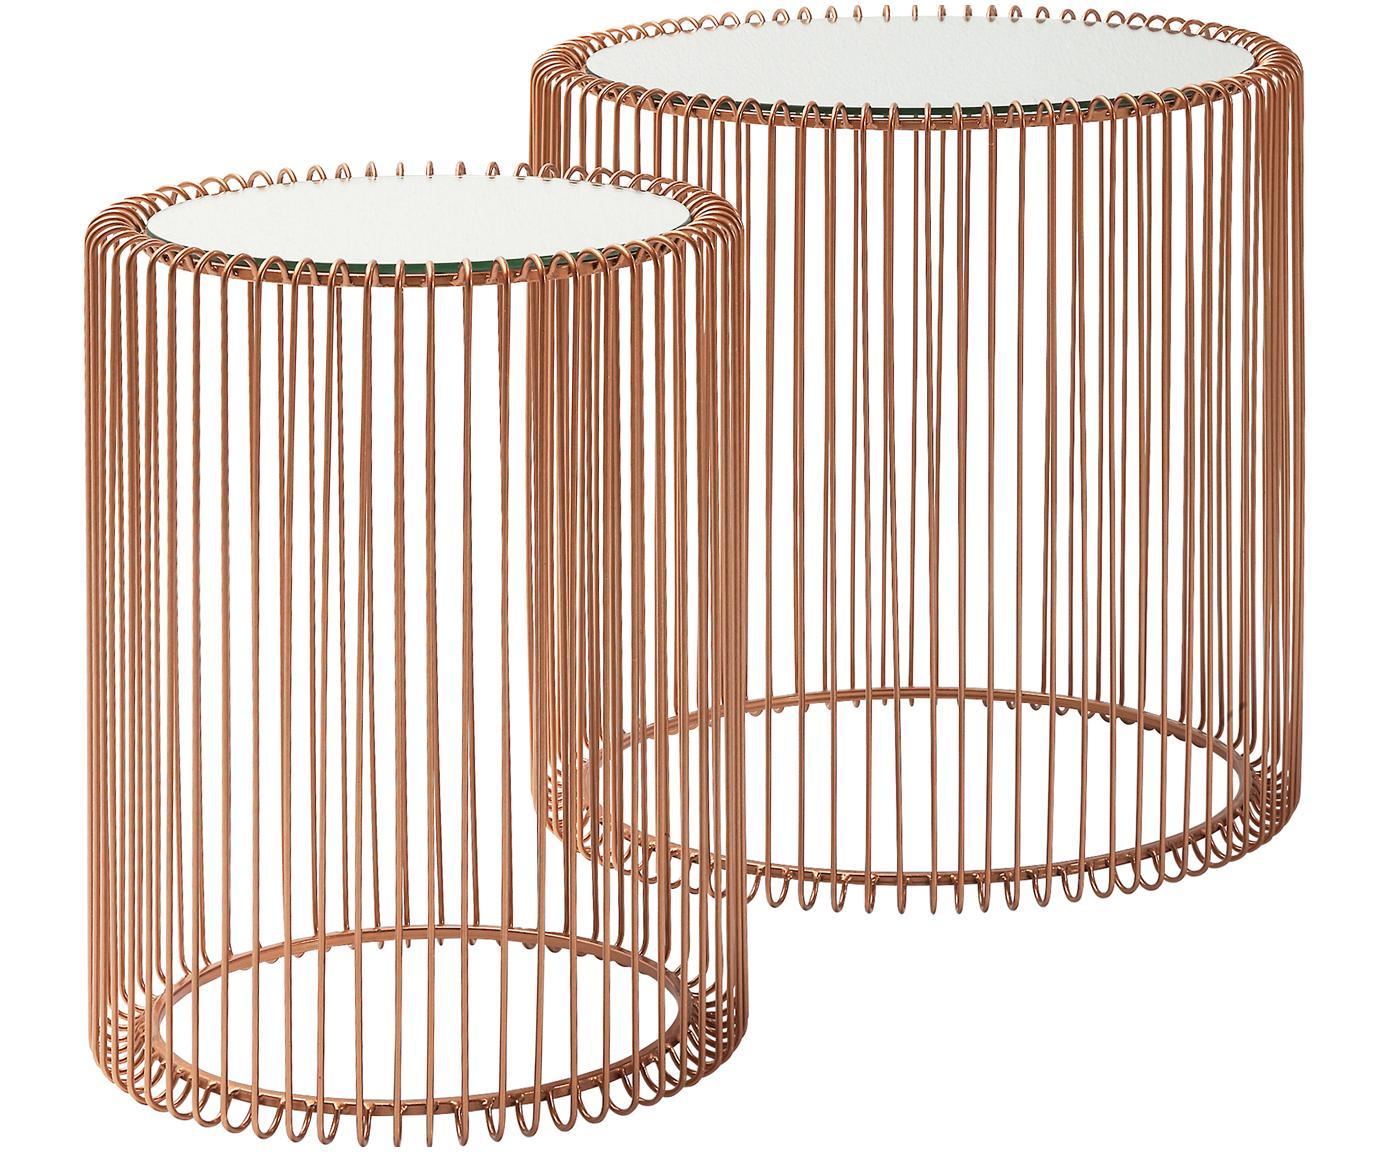 Komplet stolików pomocniczych z metalu ze szklanym blatem Wire, 2 elem., Stelaż: metal malowany proszkowo, Blat: szkło hartowane foliowane, Miedź, Różne rozmiary